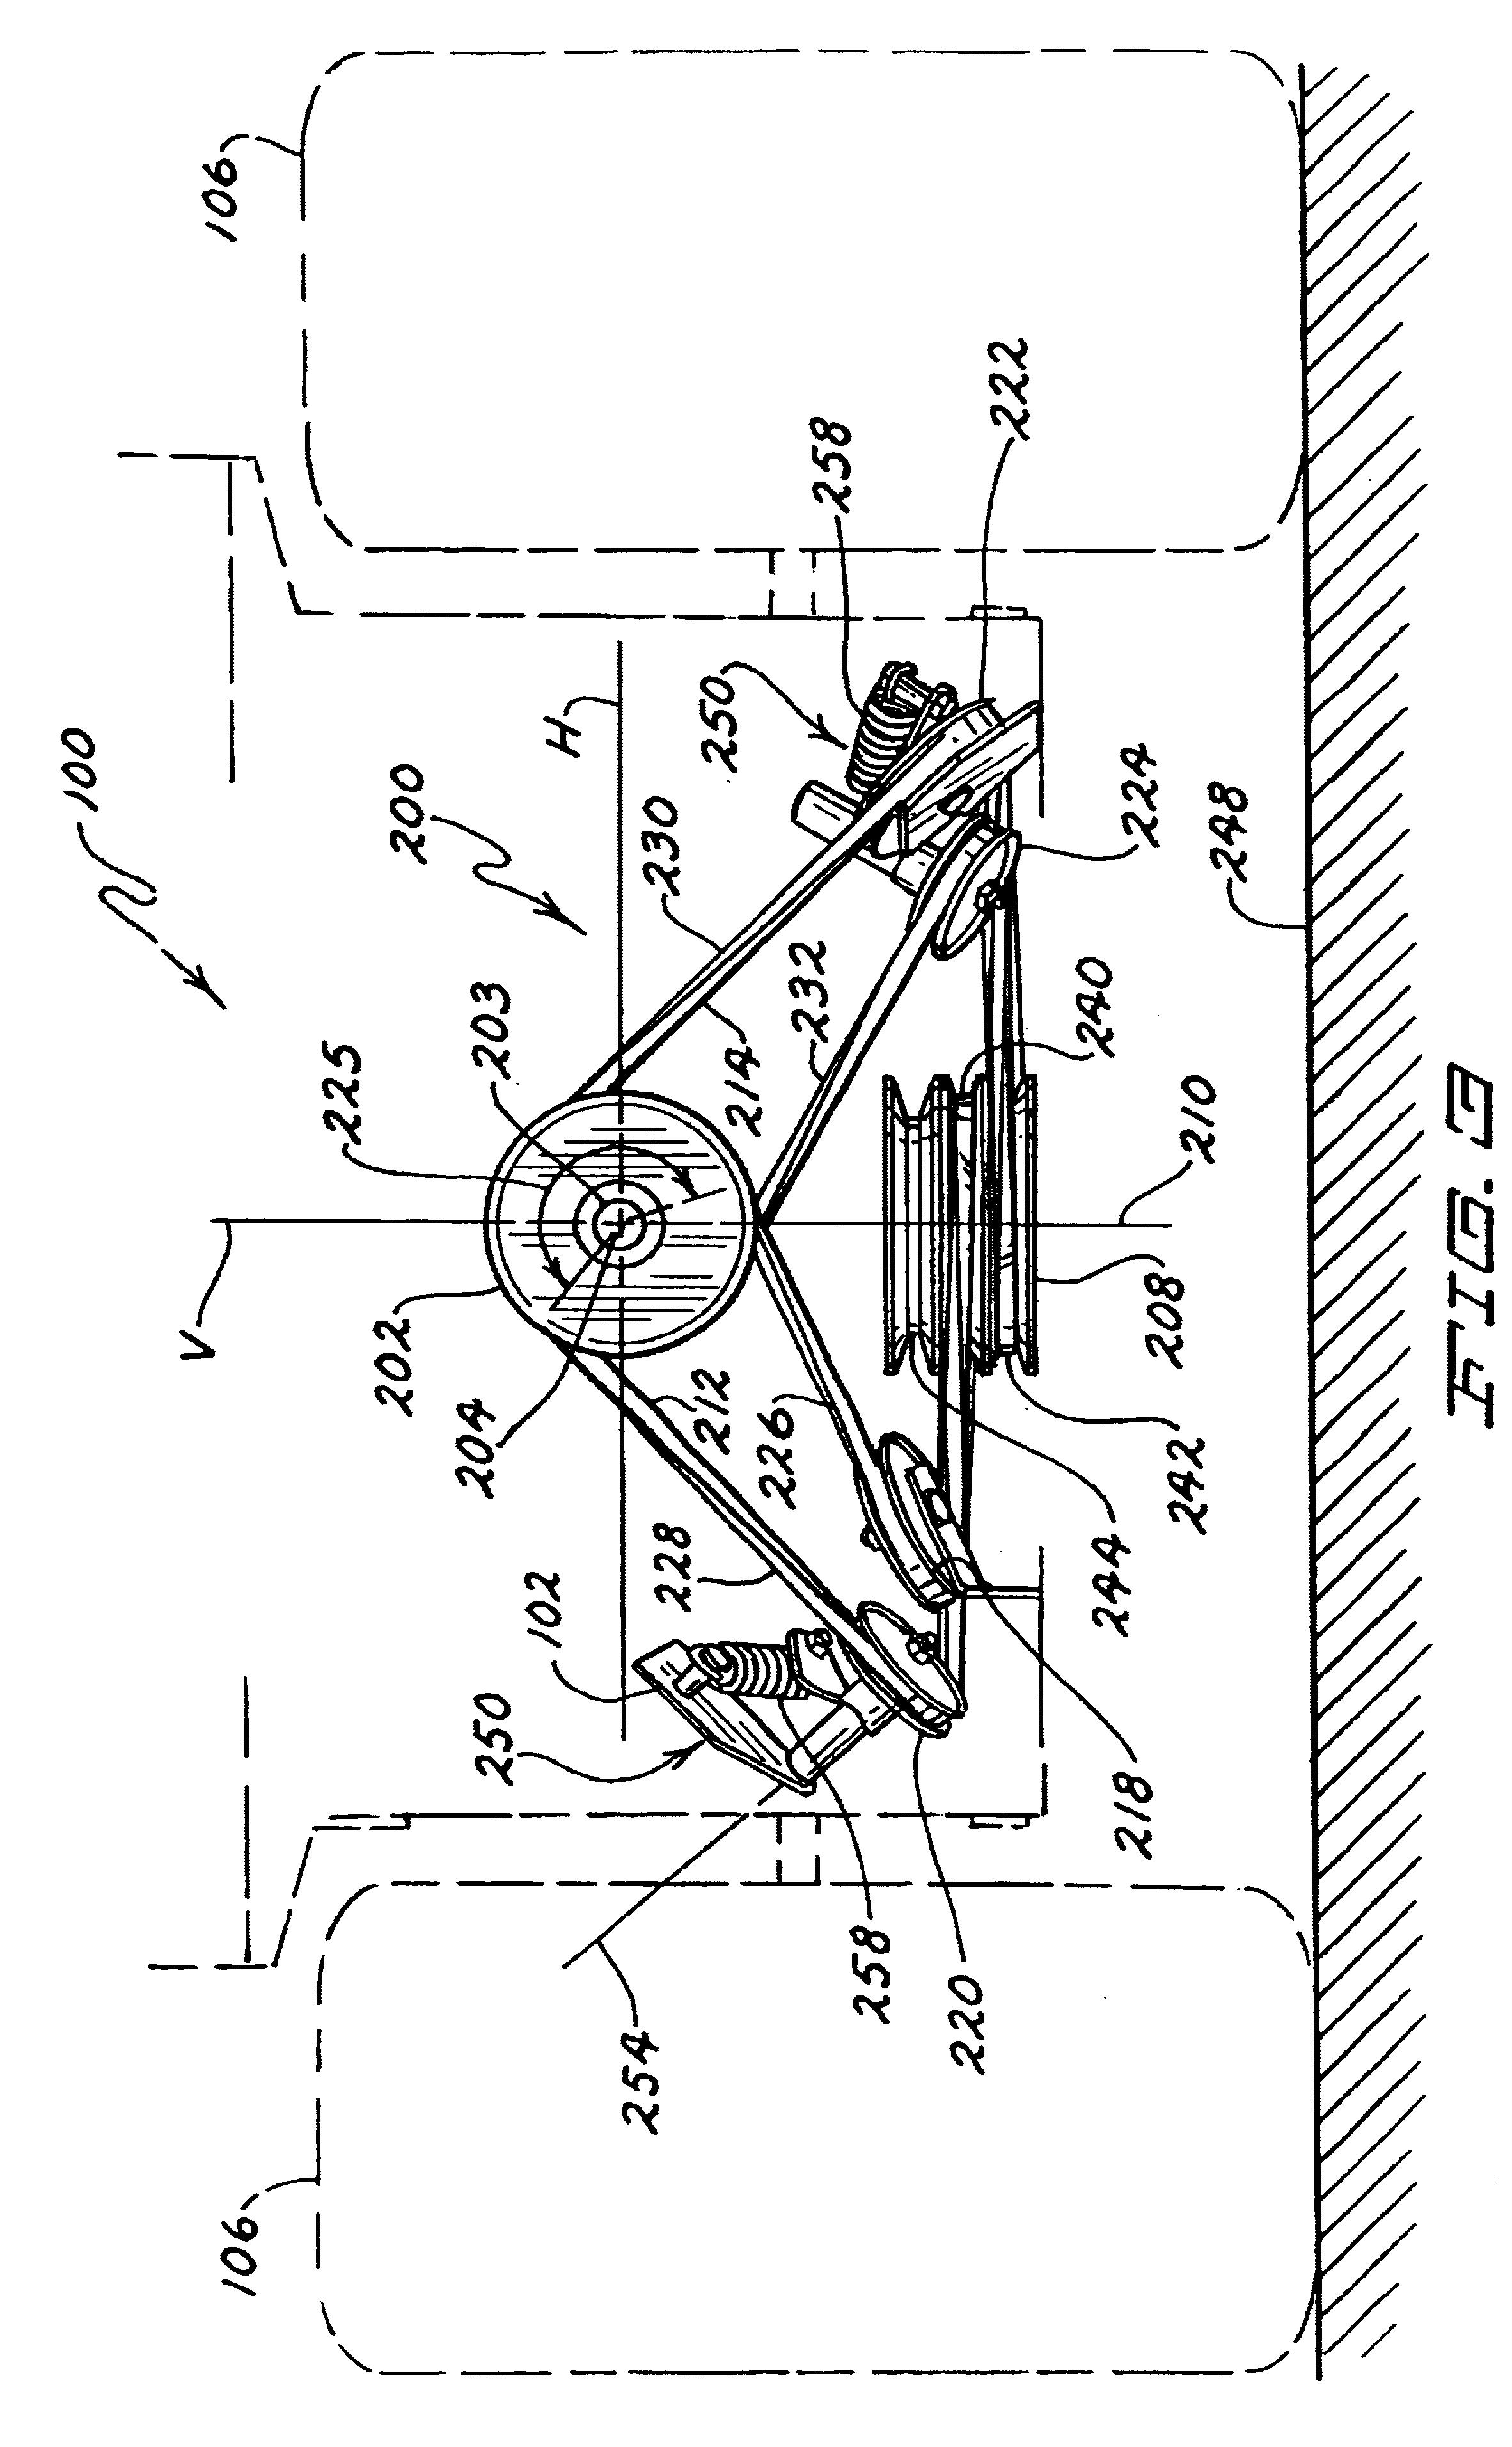 ferris hydraulic diagram